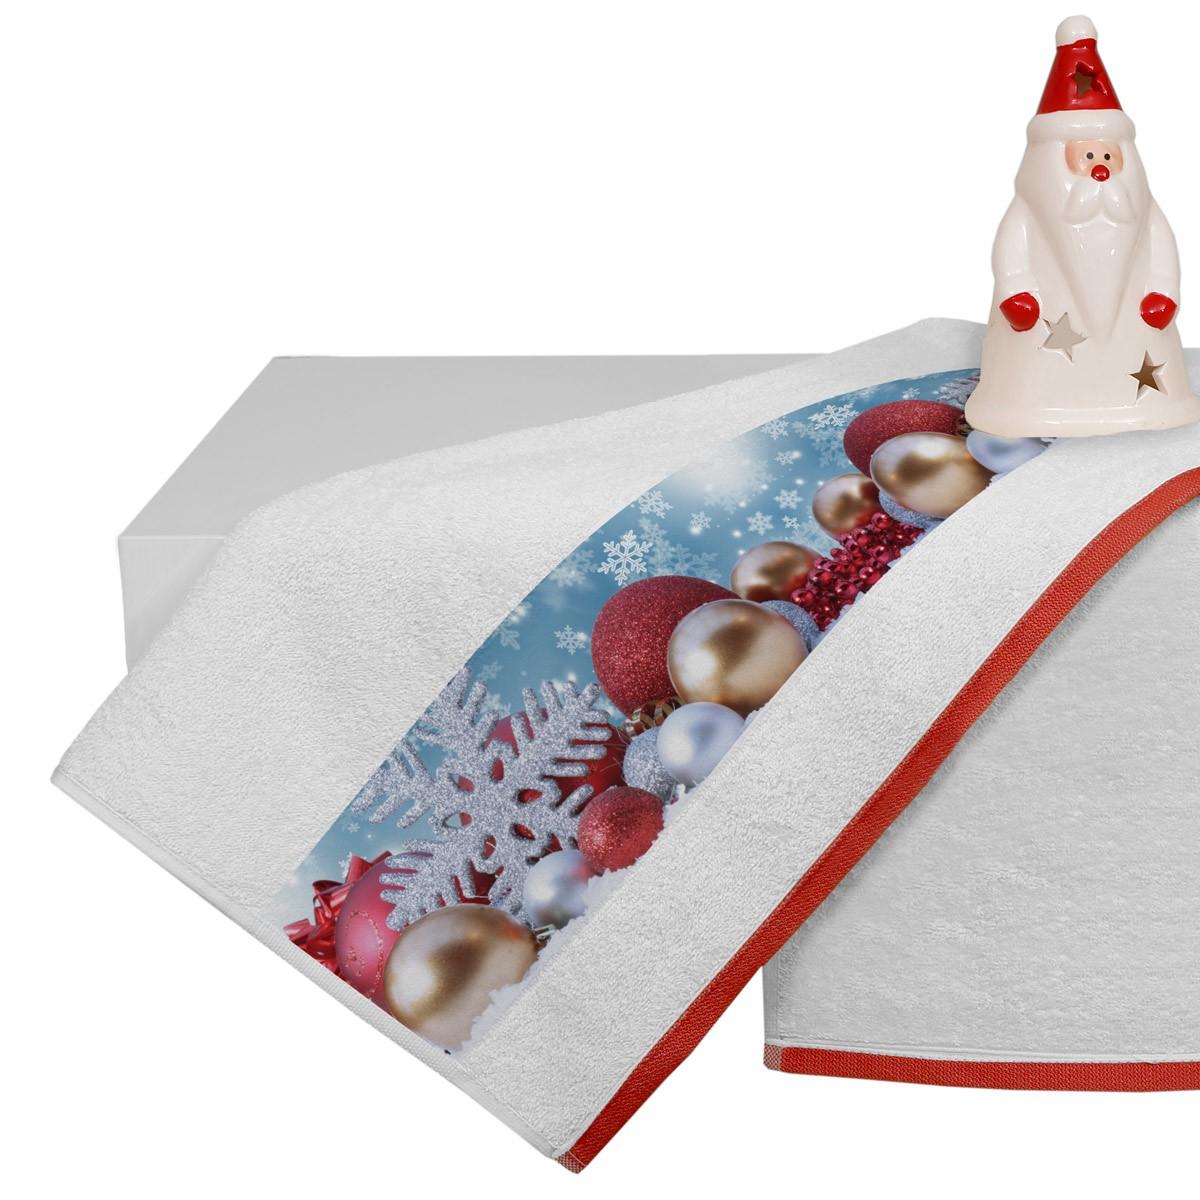 Χριστουγεννιάτικη Πετσέτα Προσώπου (50x90) Viopros 3306